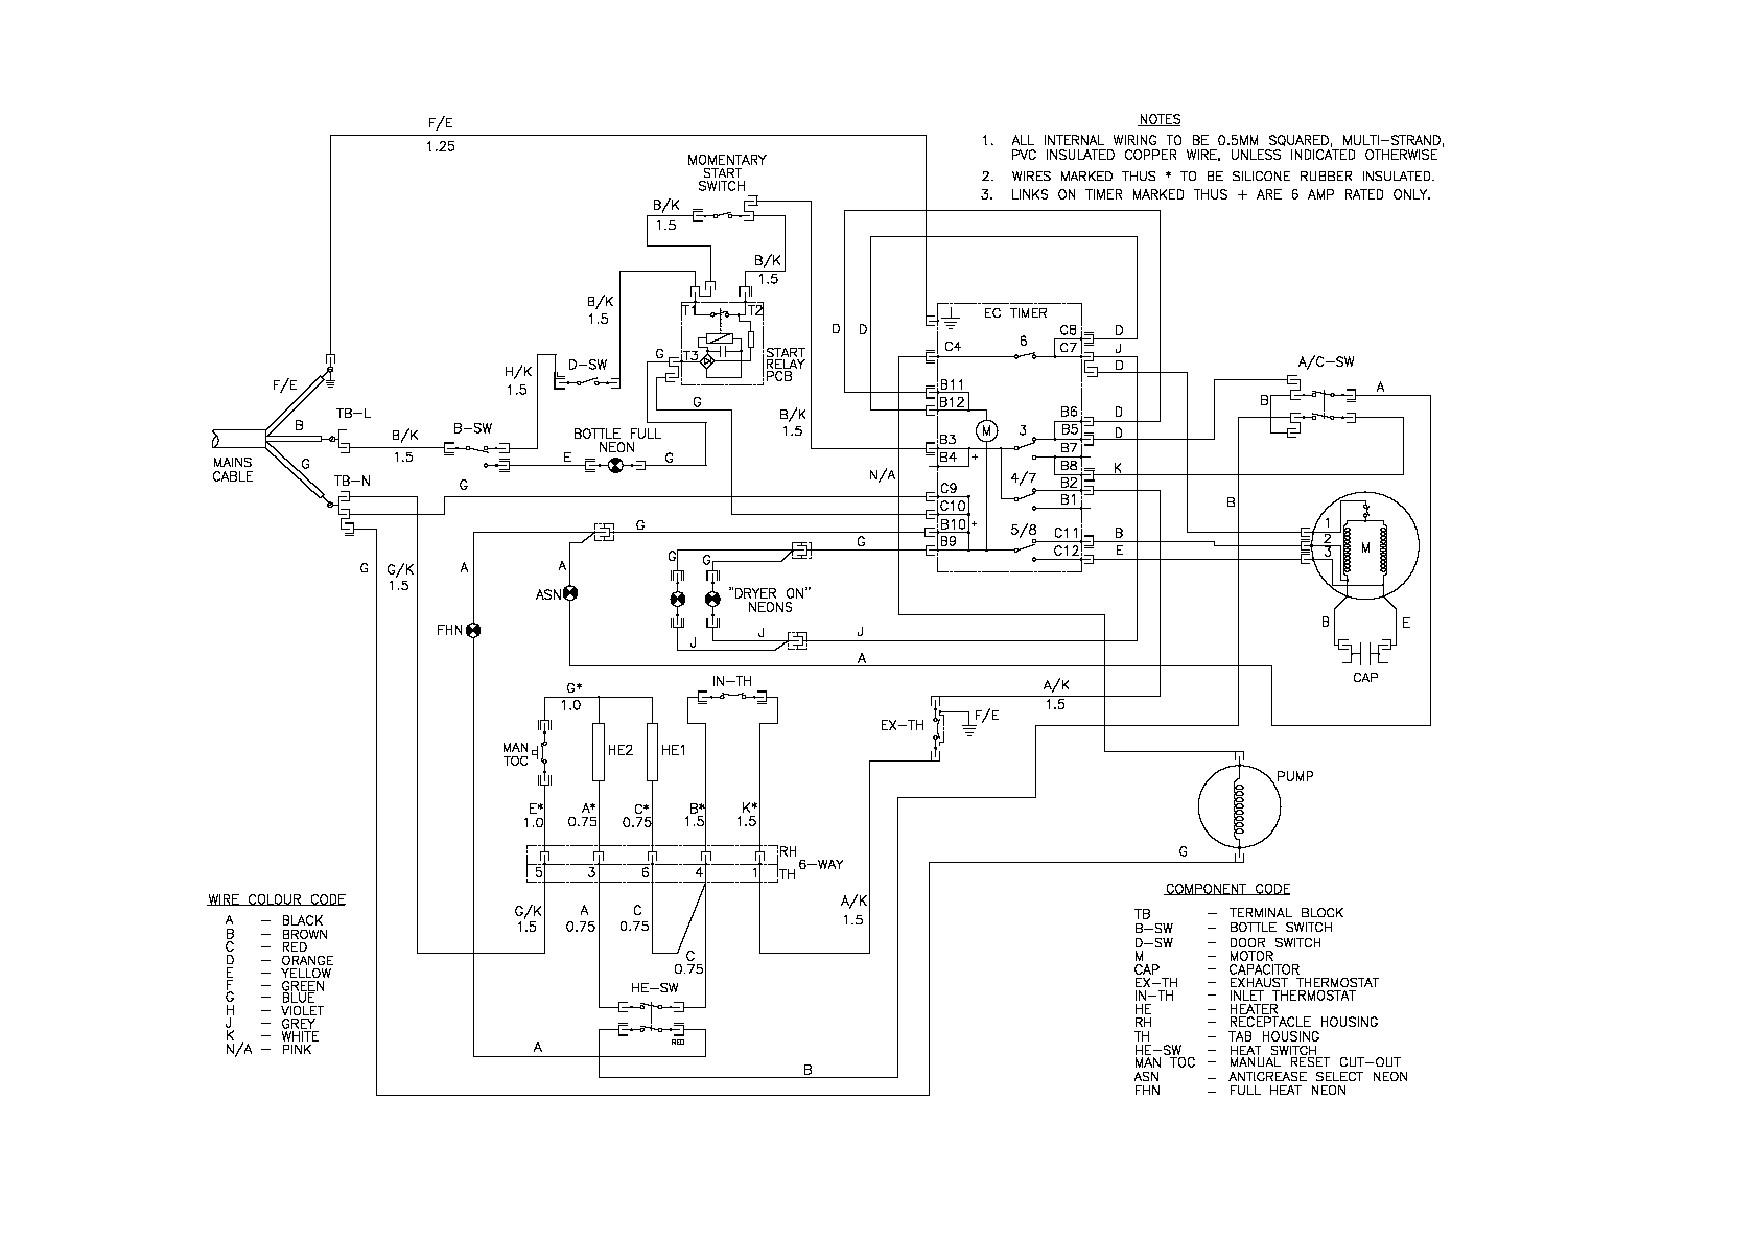 Coats 1150-2d Wiring Diagm Diagram] Kenwood Ddx Wiring Diagram Full Version Hd Quality Of Coats 1150-2d Wiring Diagm